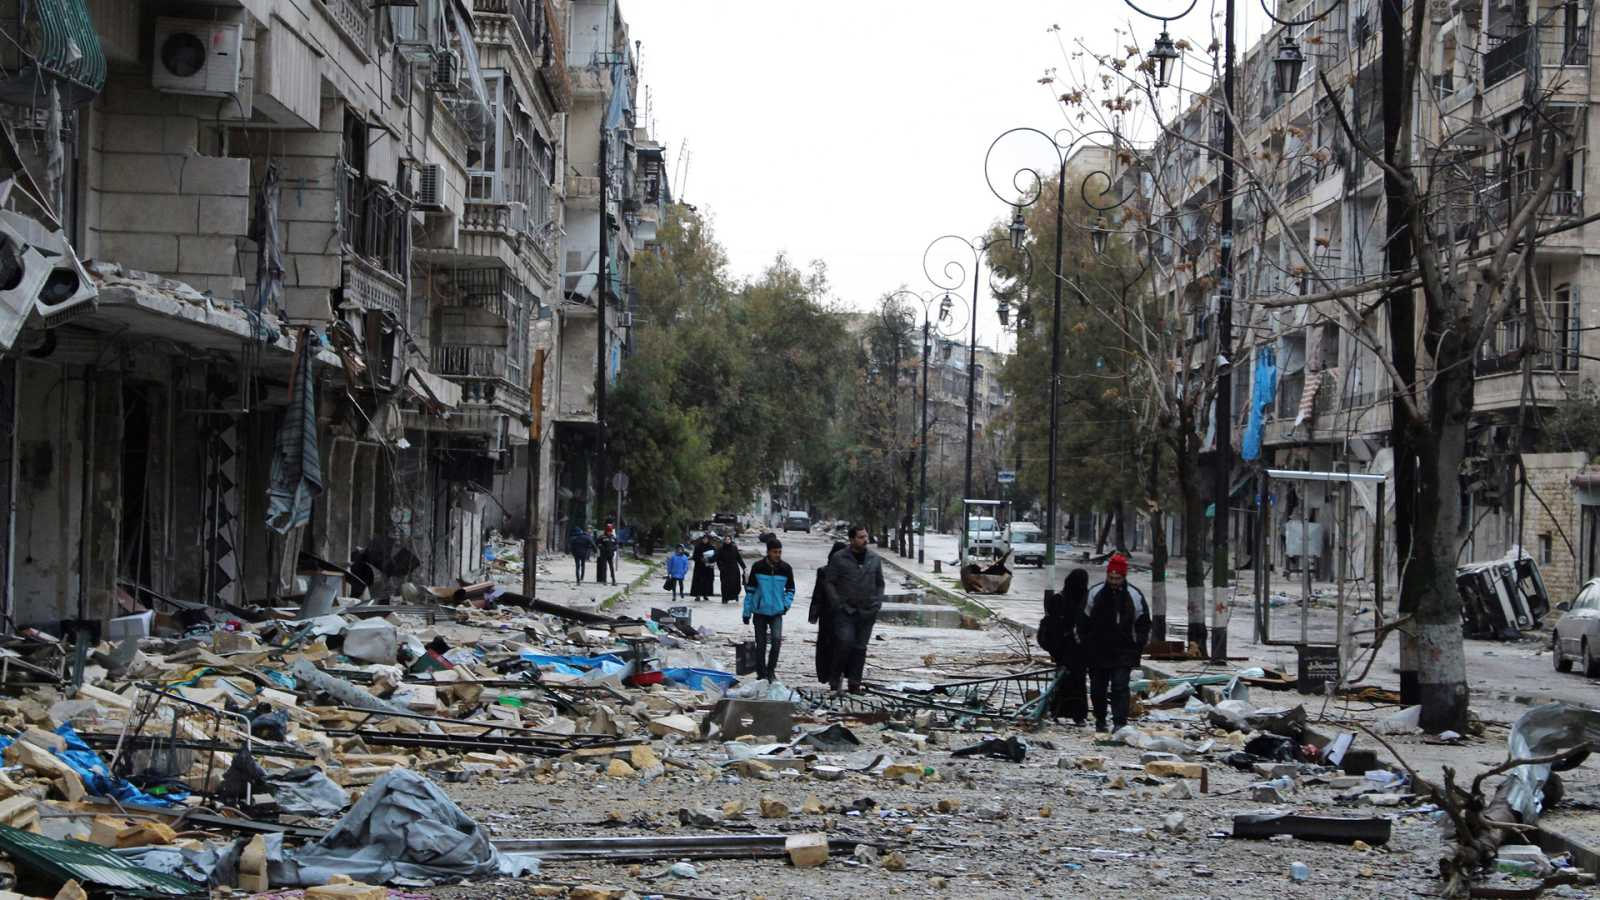 Mundo solidario - Cáritas, 10 años de guerra en Siria - 21/03/21 - escuchar ahora